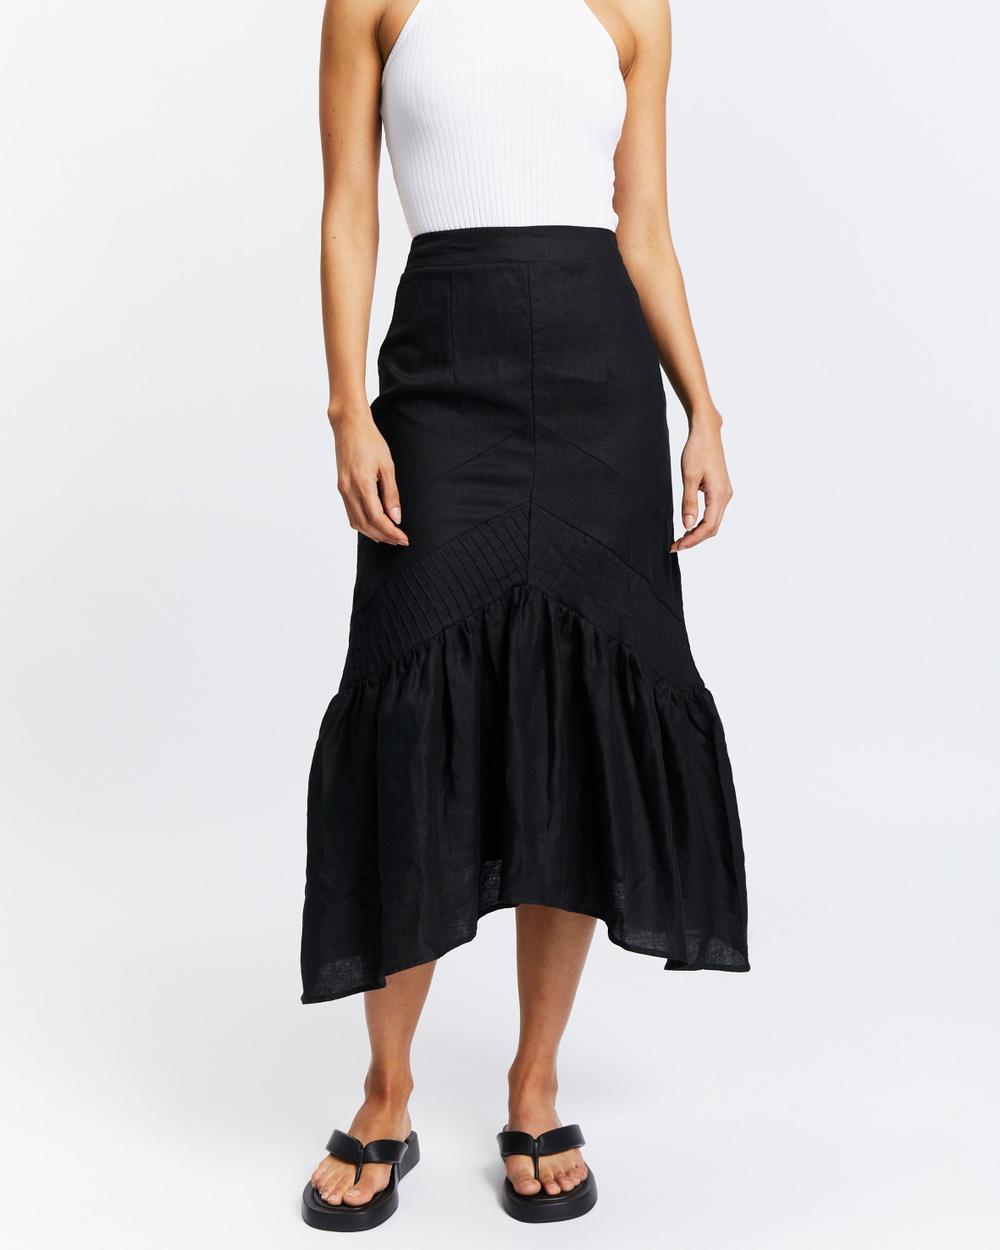 AERE Pleat Detail Midi Skirt Pleated skirts Black